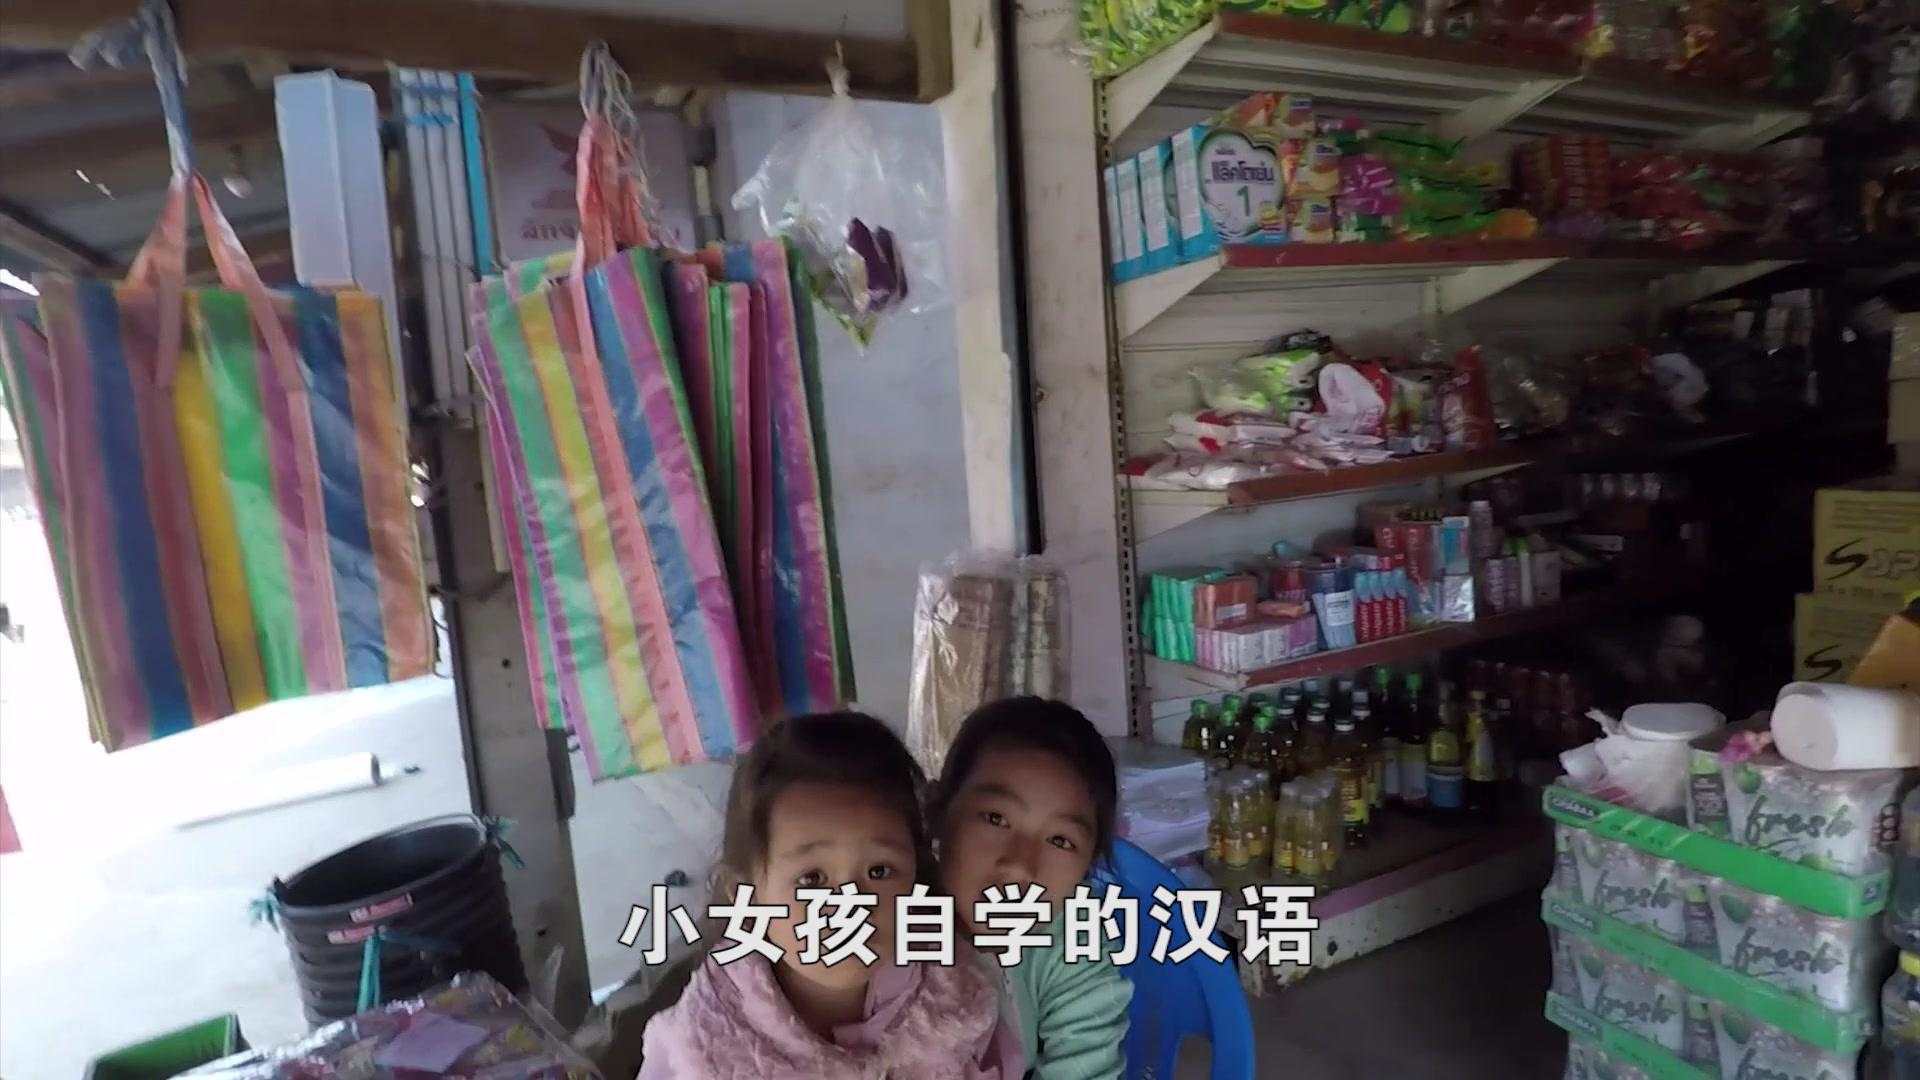 老挝街边小超市里卖的东西,很多都是中国产的,中文比英语好用